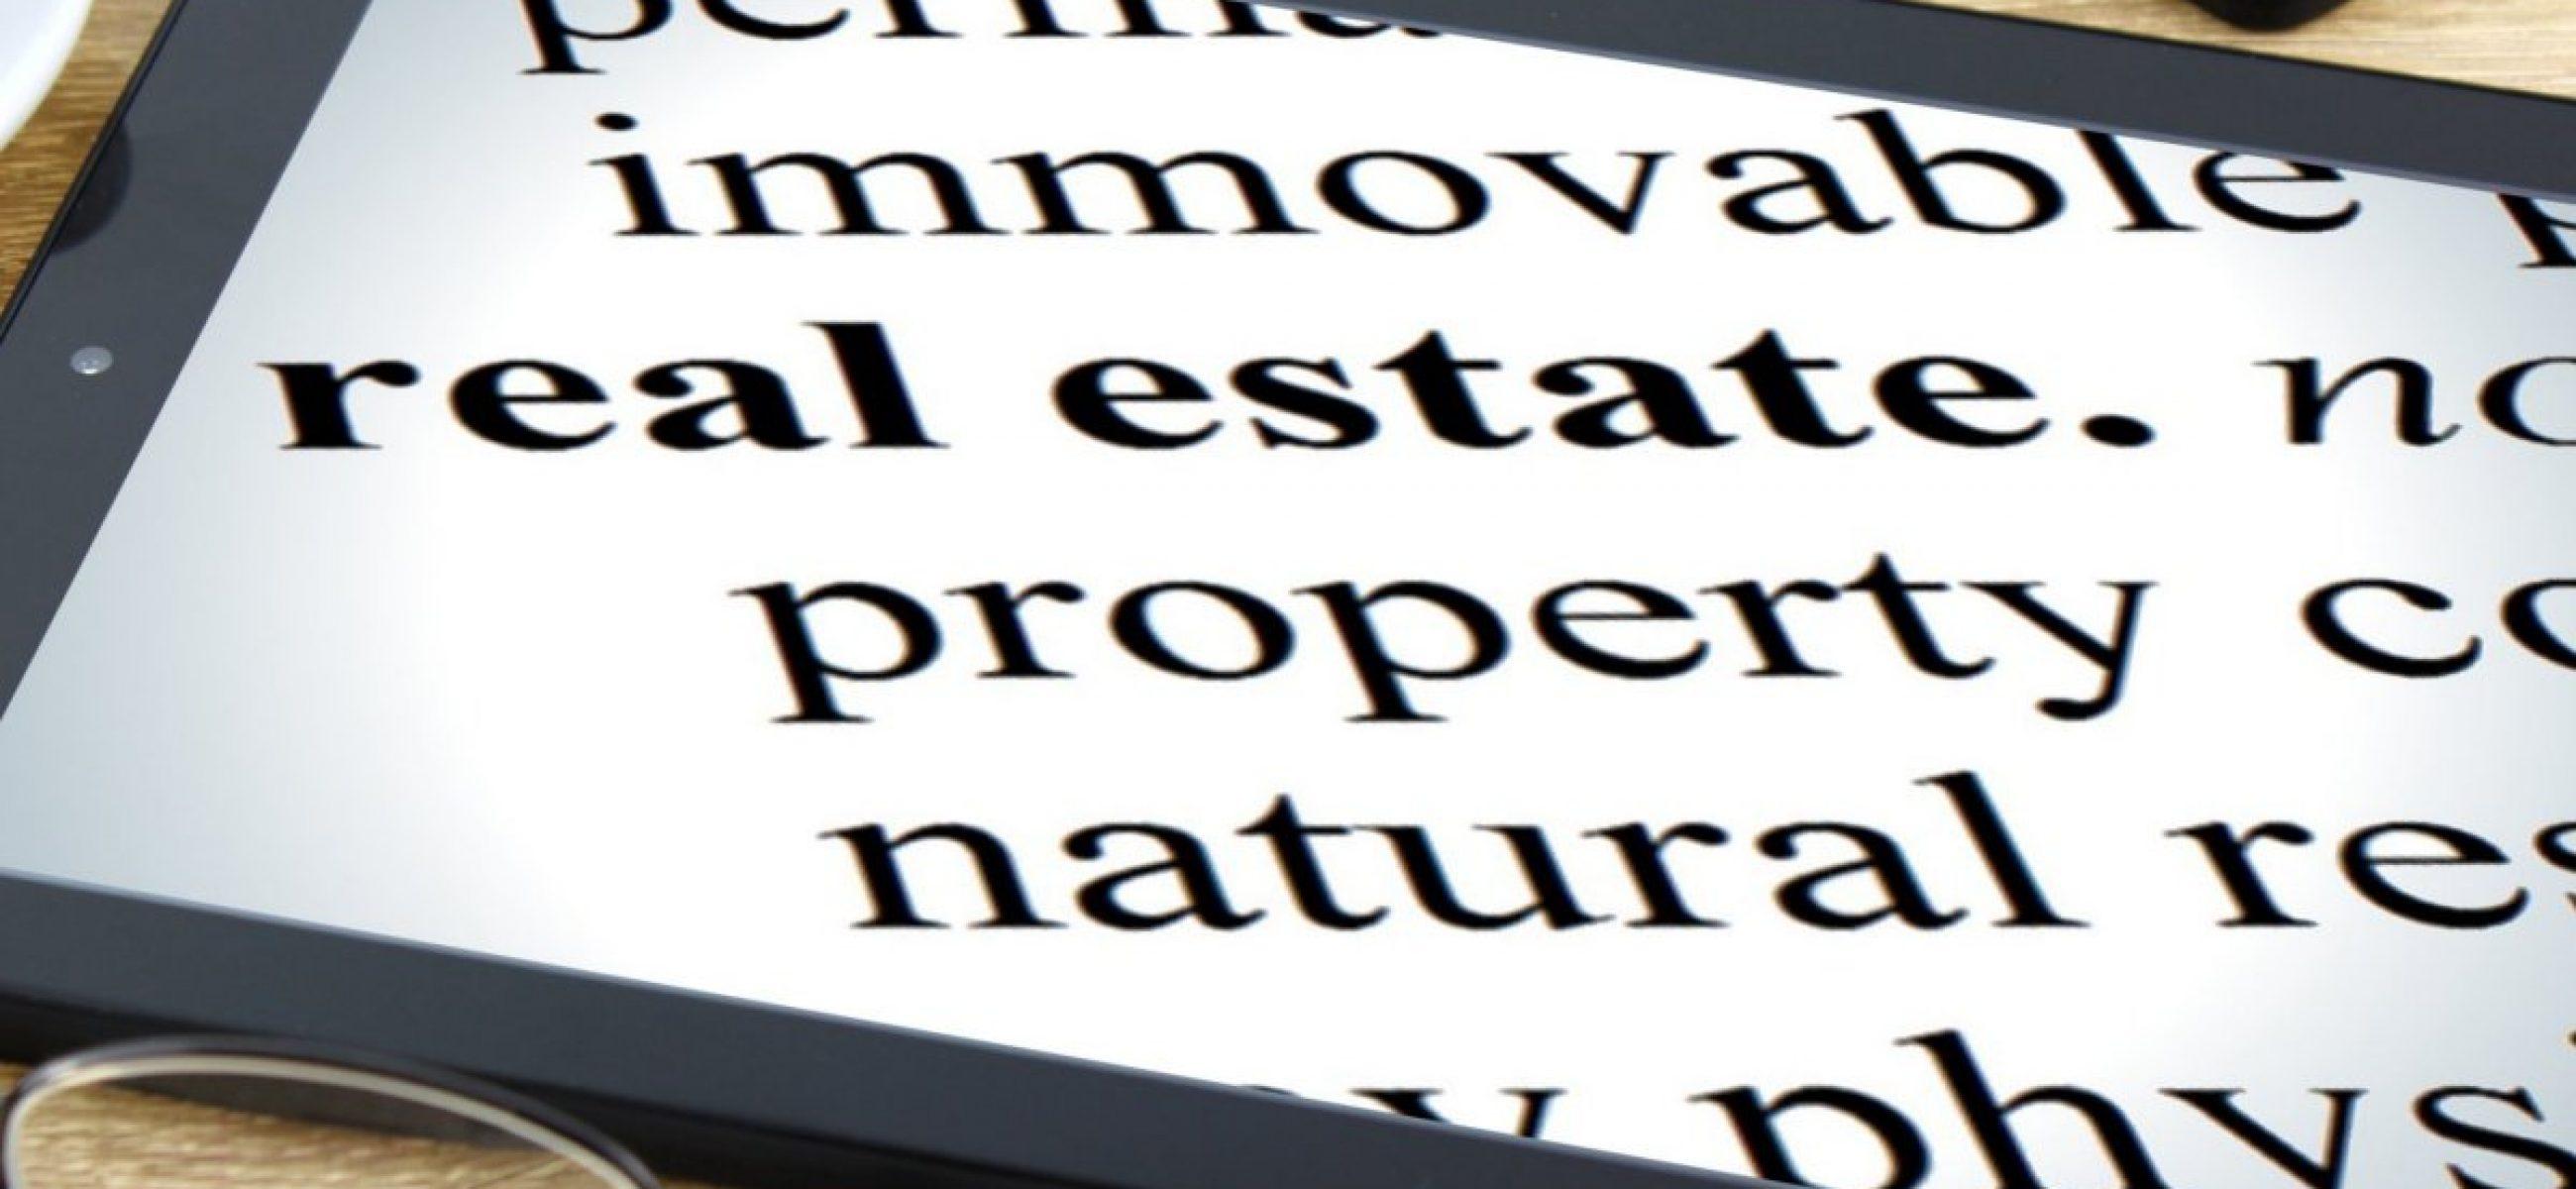 """מתי יש להתחשב במרכיב הפחת במכירת מקרקעין? בעקבות ע""""א 5883/18 מנהל מיסוי מקרקעין חדרה נ' PIV BV"""